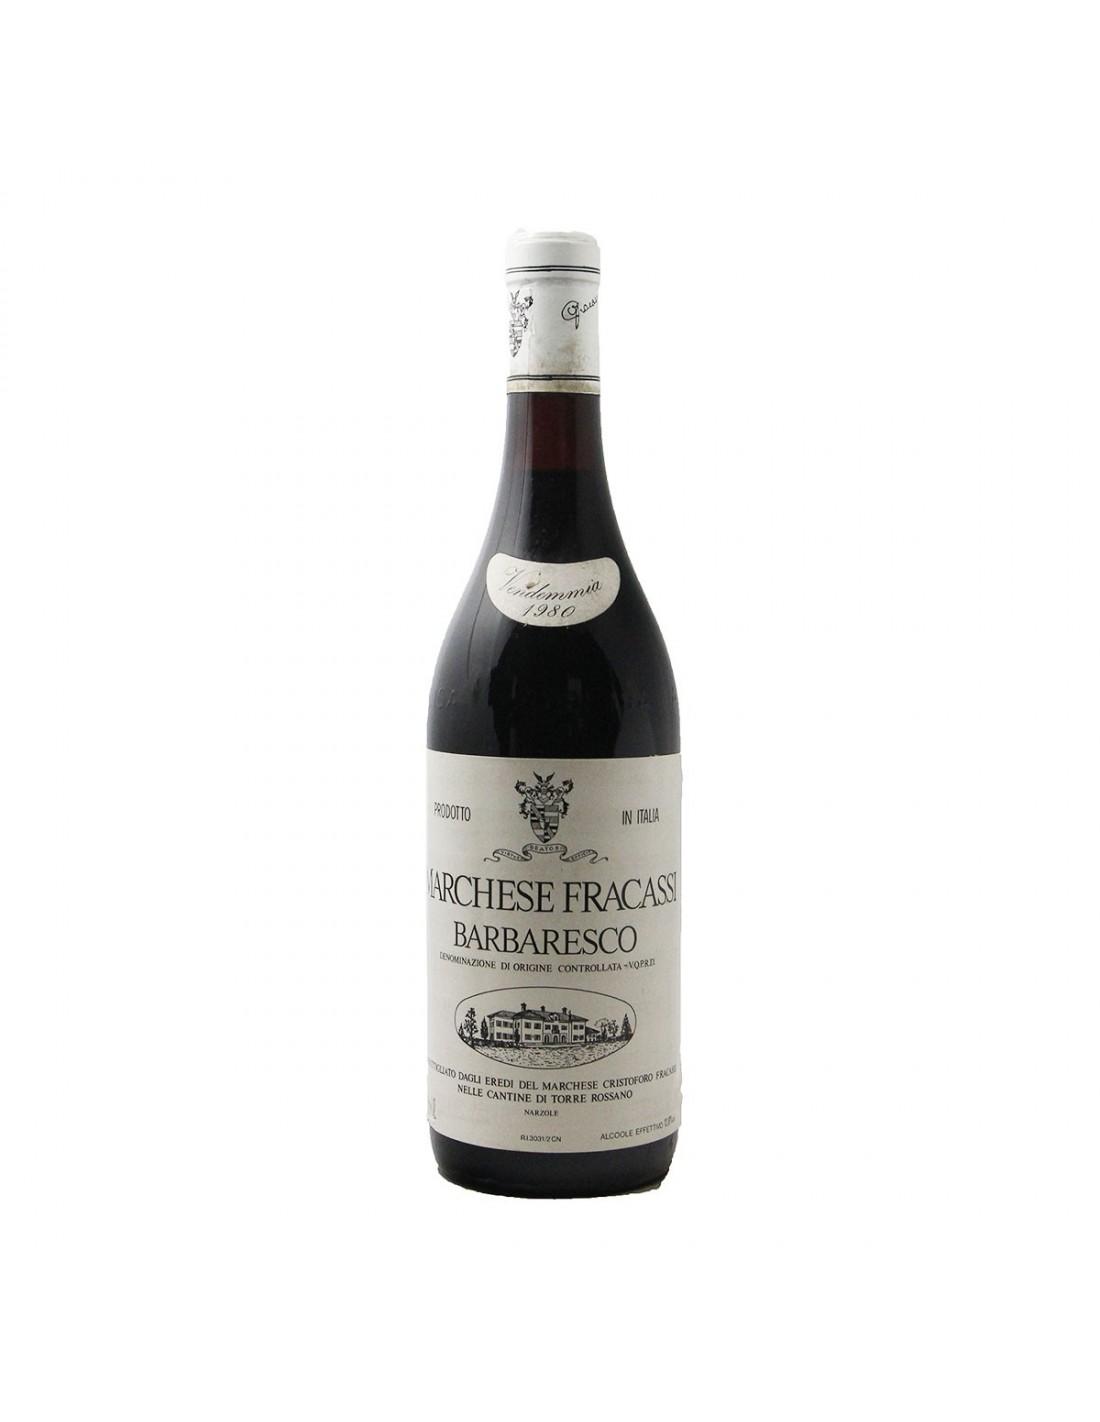 BARBARESCO FRACASSI Grandi Bottiglie